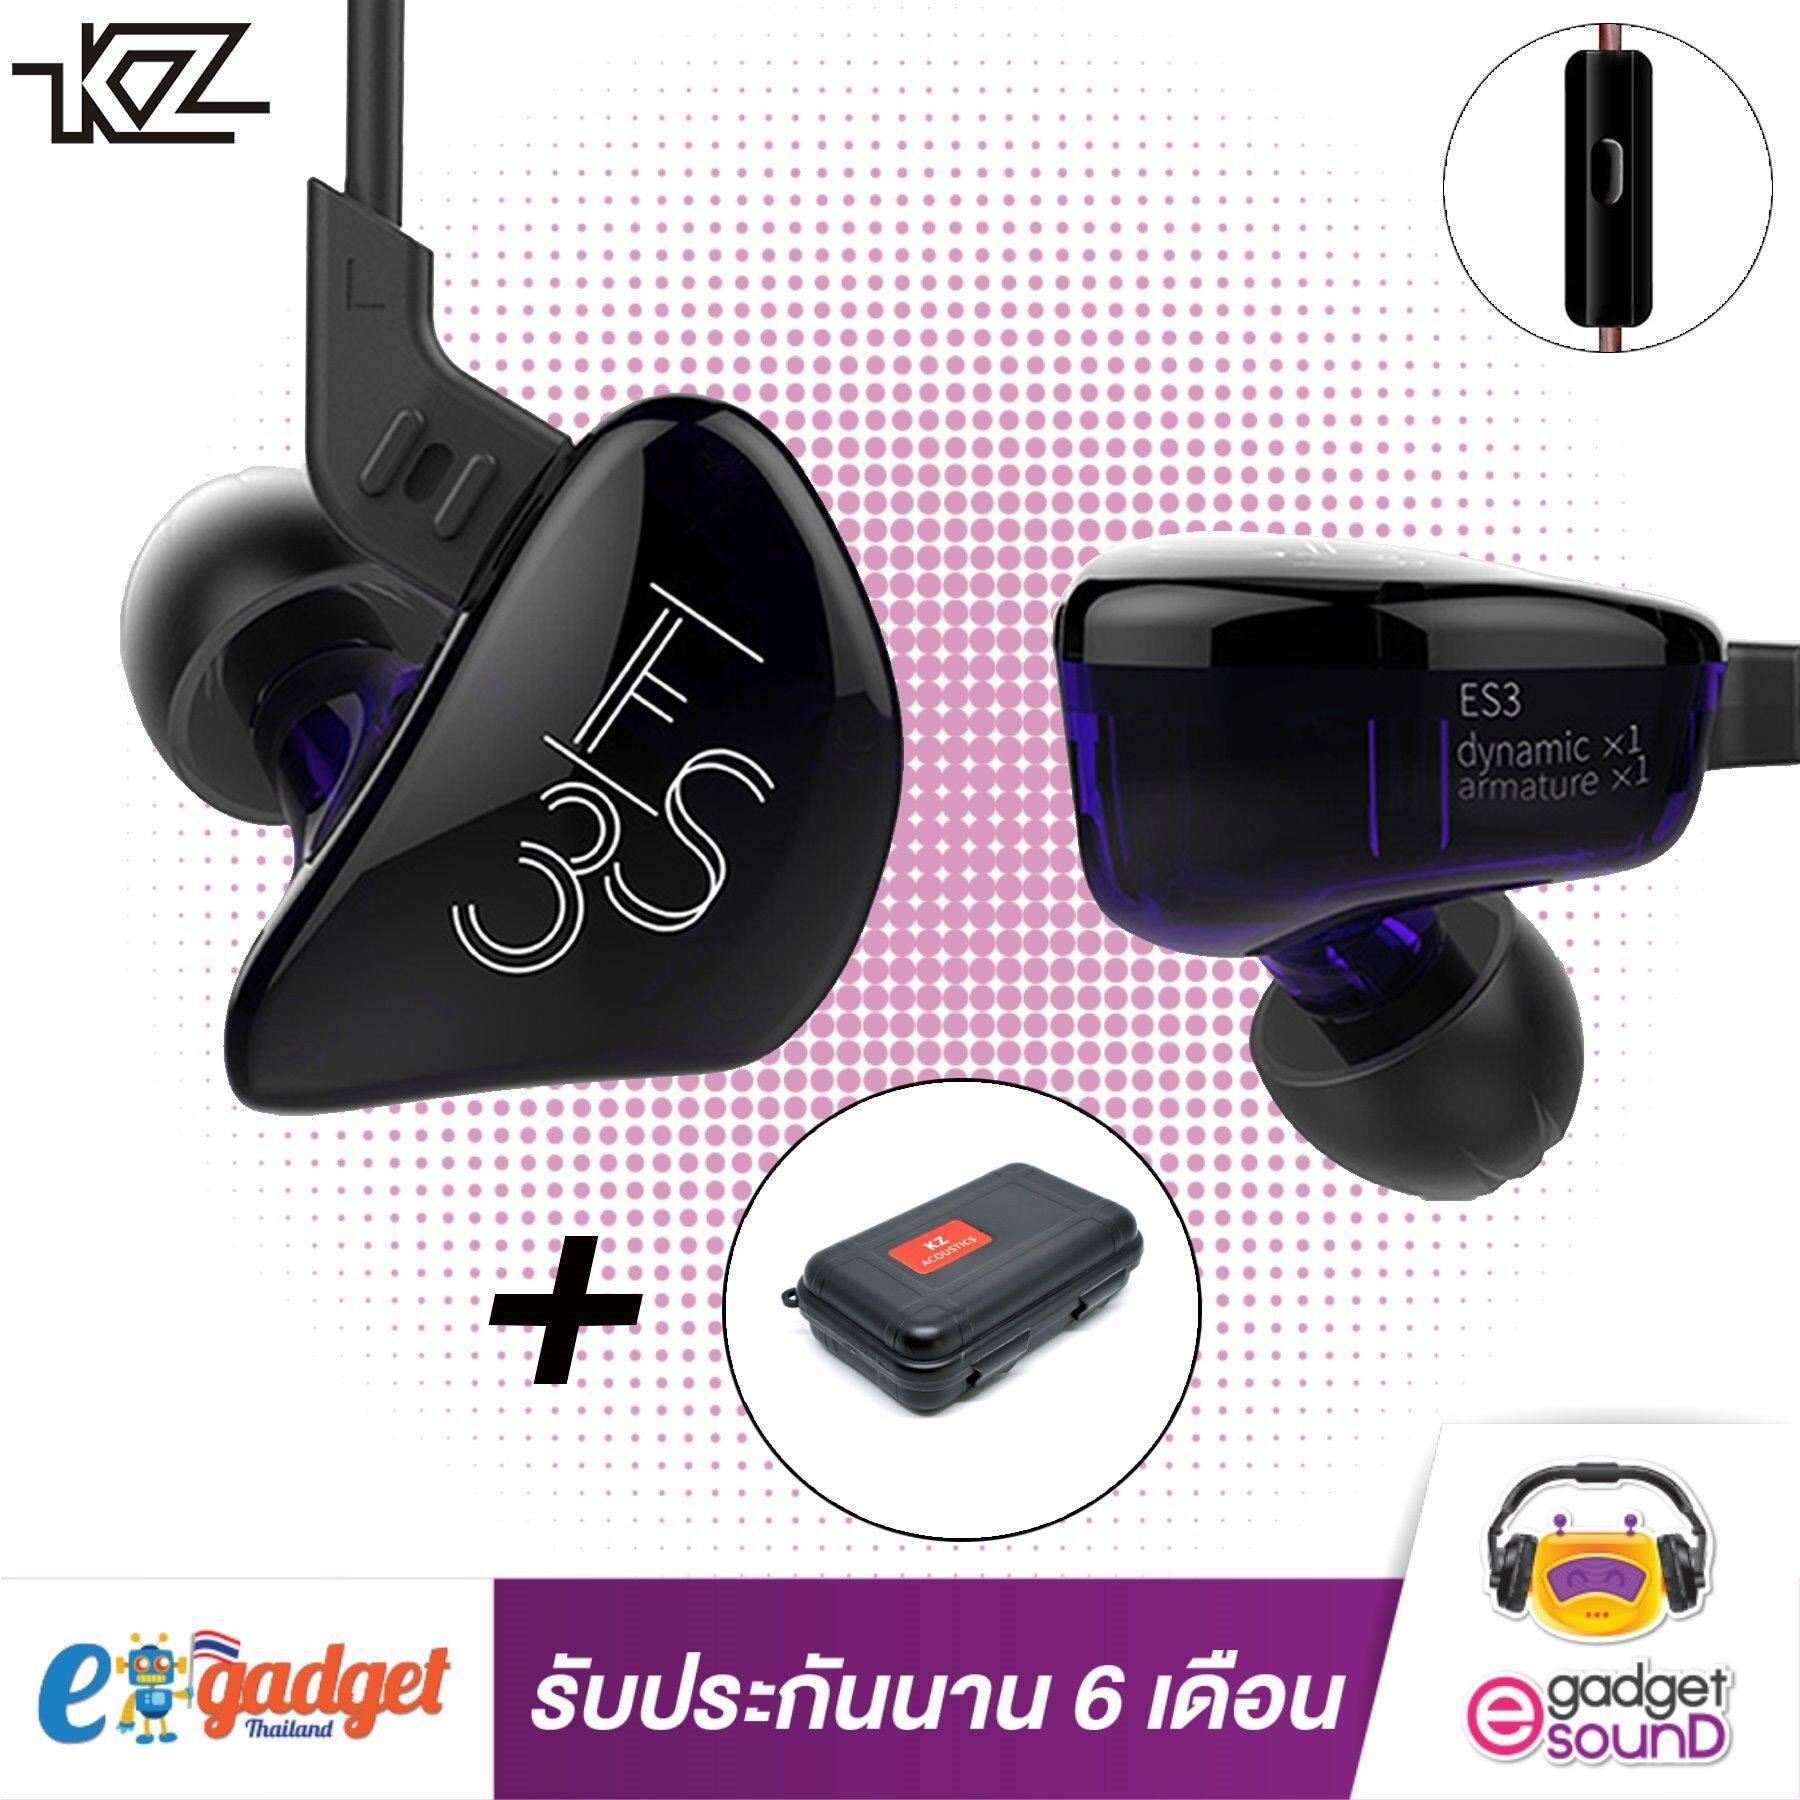 ราคา ราคาถูกที่สุด Kz รุ่น Es3 มีไมค์ แถม กล่องหูฟังอย่างดี หูฟัง Hybrid 2 ไดร์เวอร์ ถอดเปลี่ยนสายได้ ประกัน 6 เดือน รูปทรง In Ear Monitor Ime เสียงดี มิติครบ